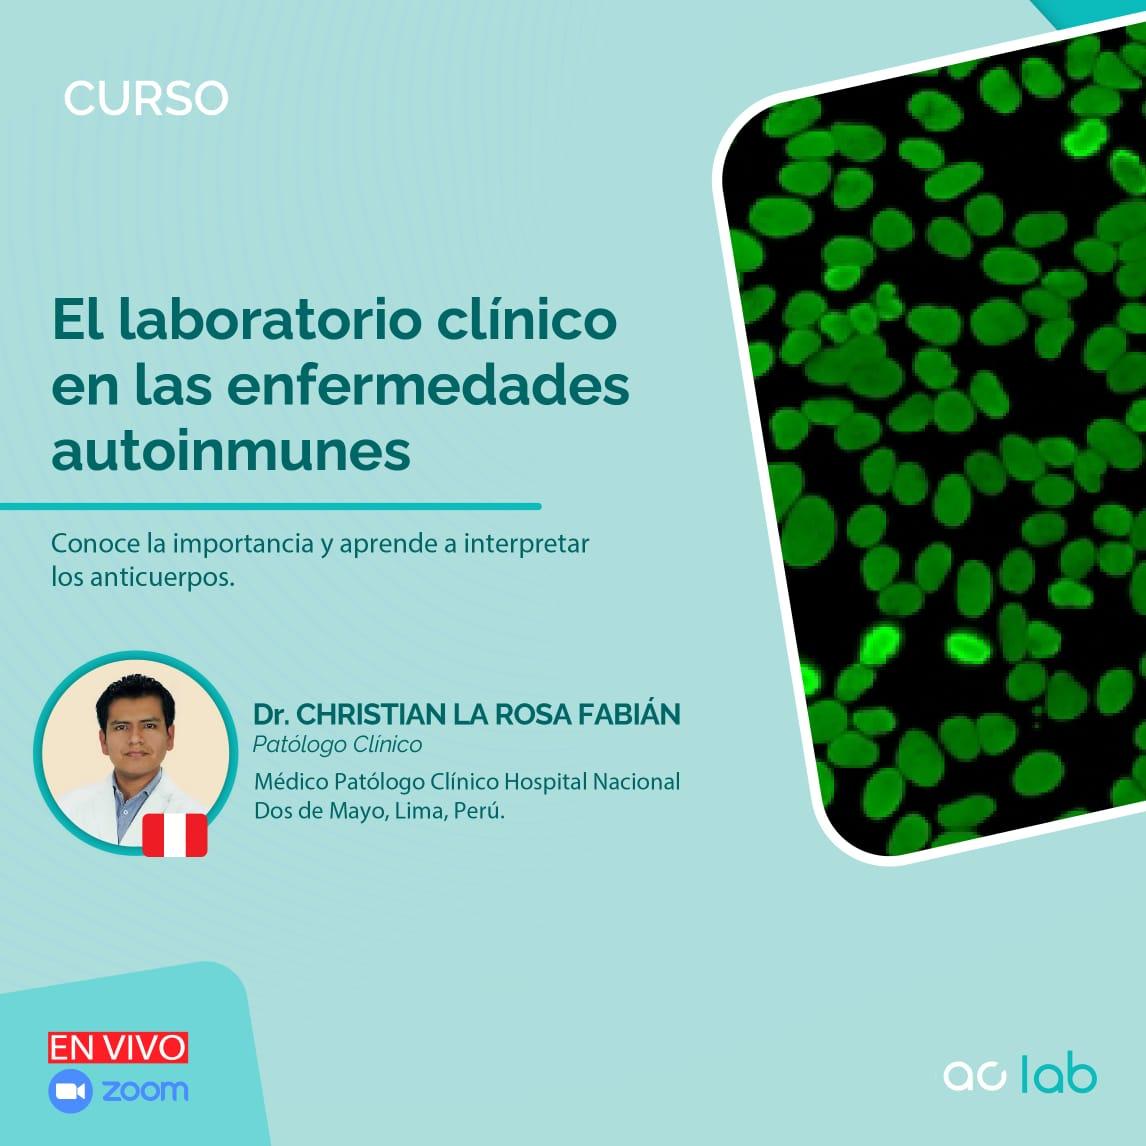 El laboratorio clinico en las enfermedades autoinmunes